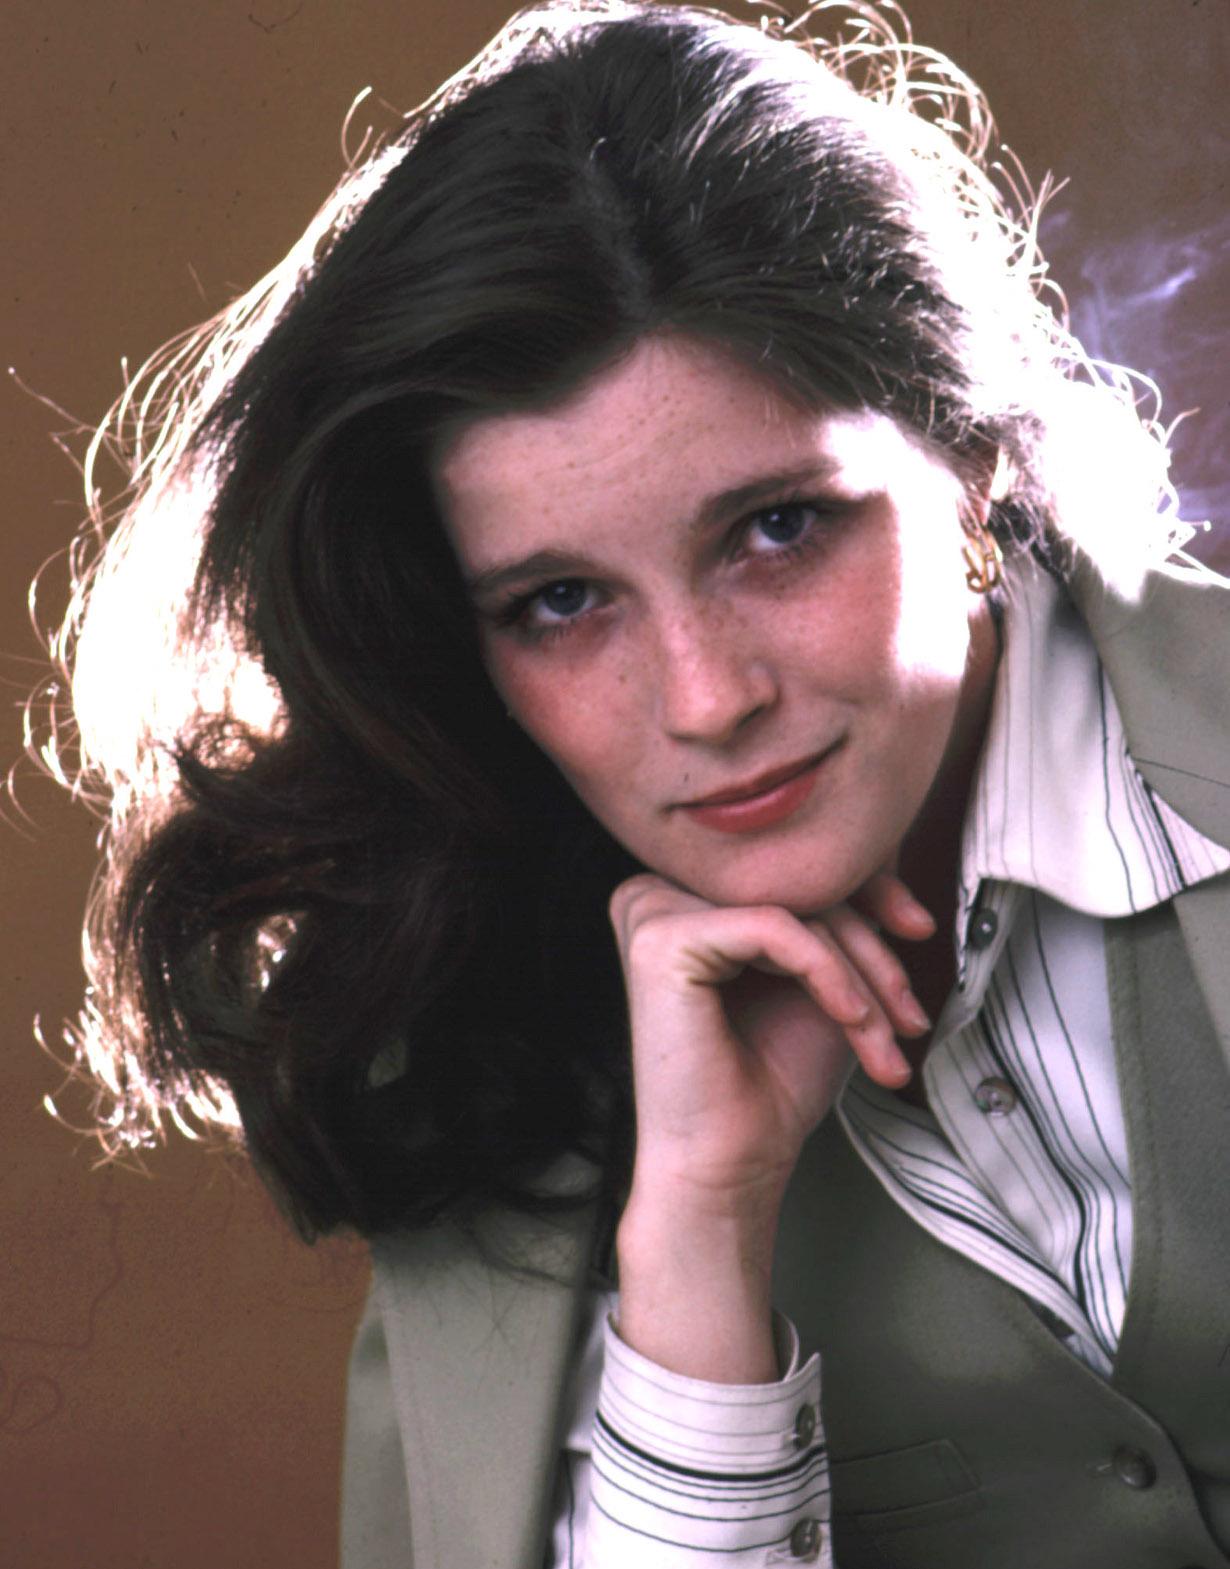 RYAN'S HOPE, Kate Mulgrew, 1975-1989